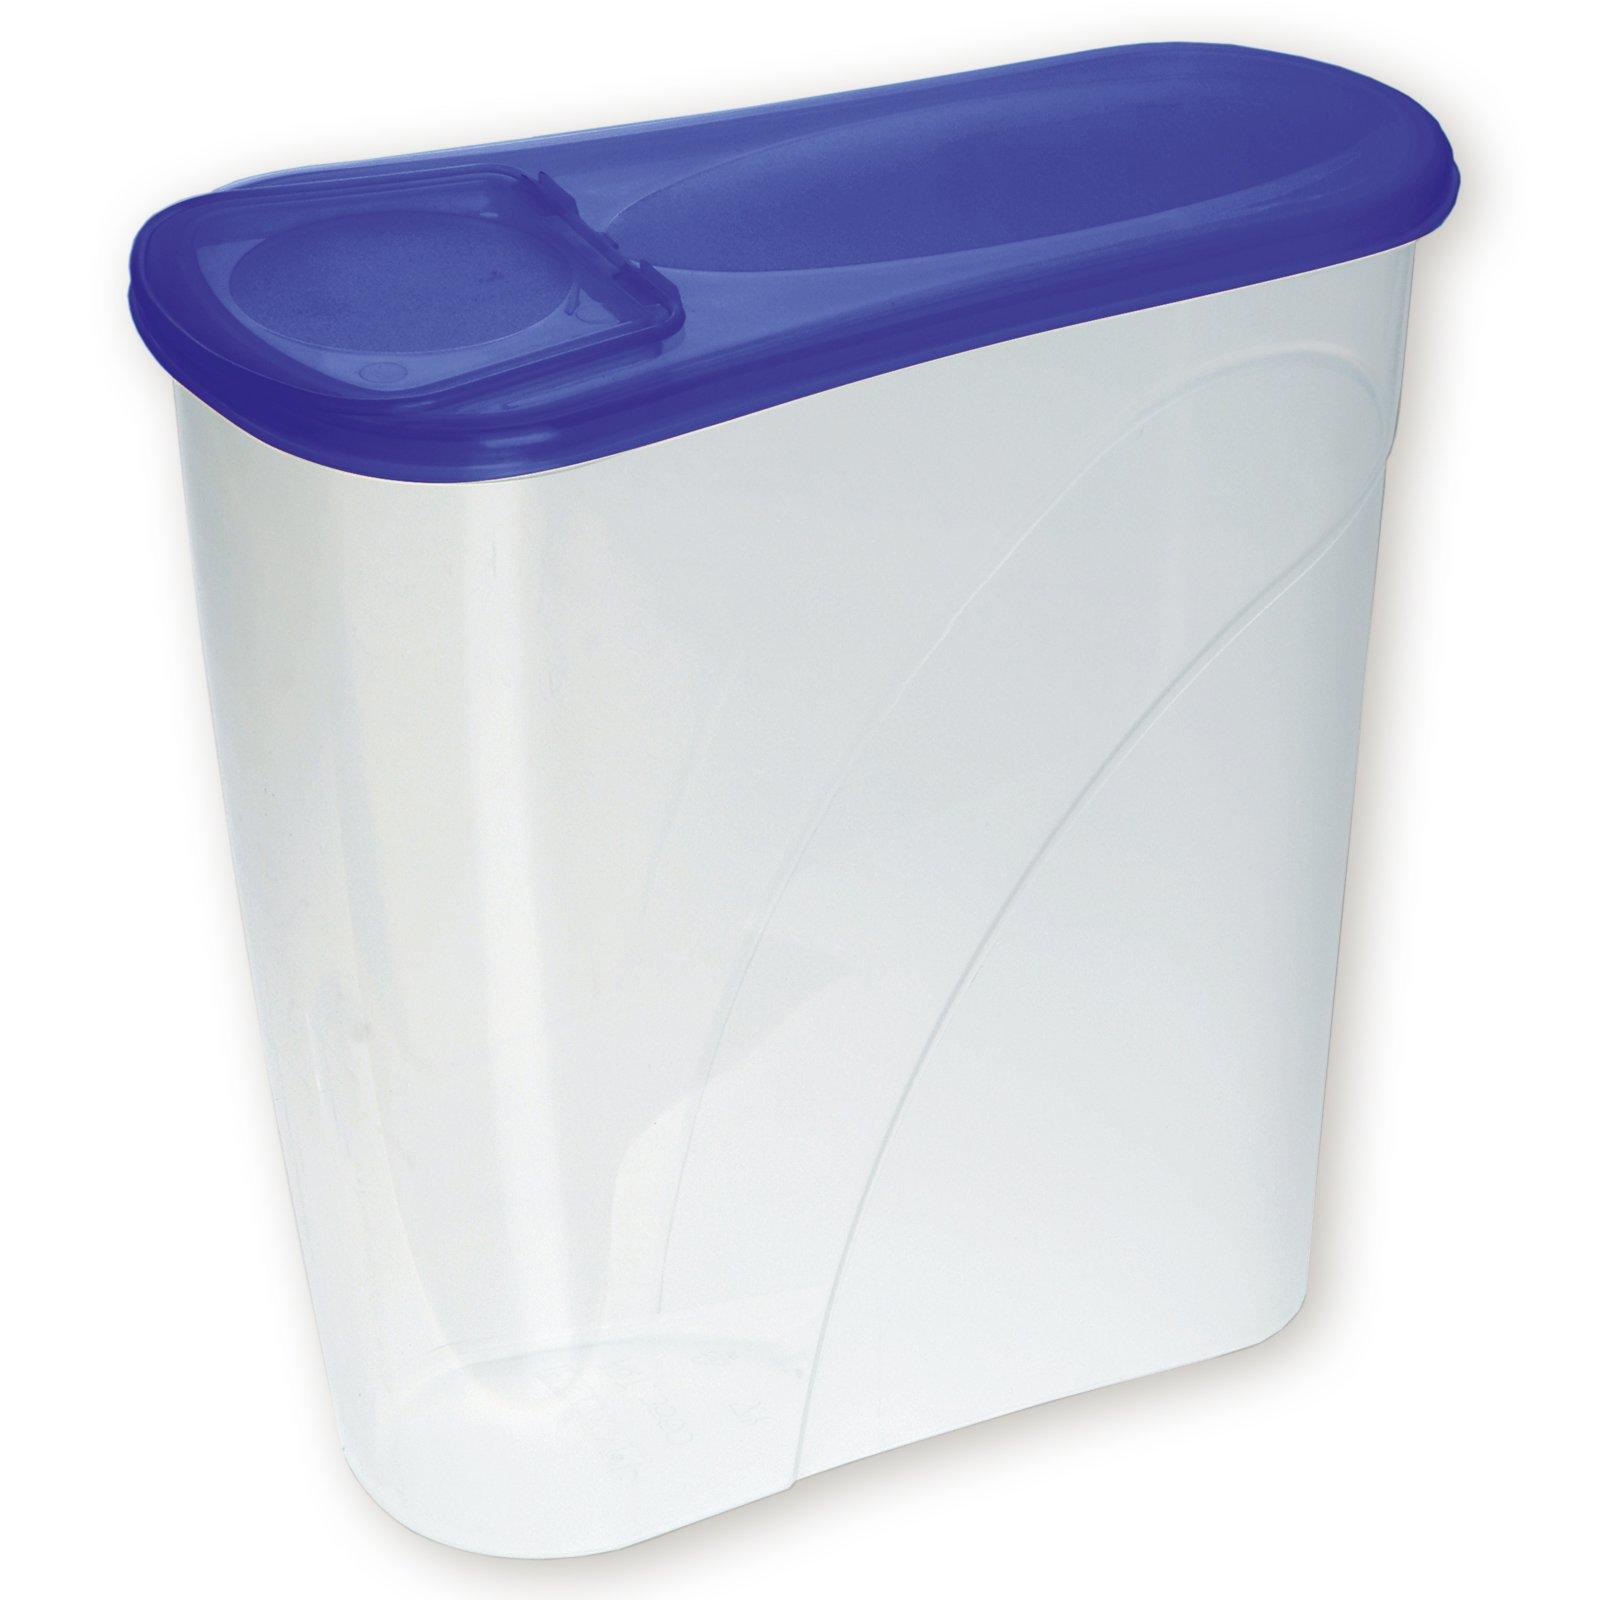 Schüttdose - blau - 2,6 Liter